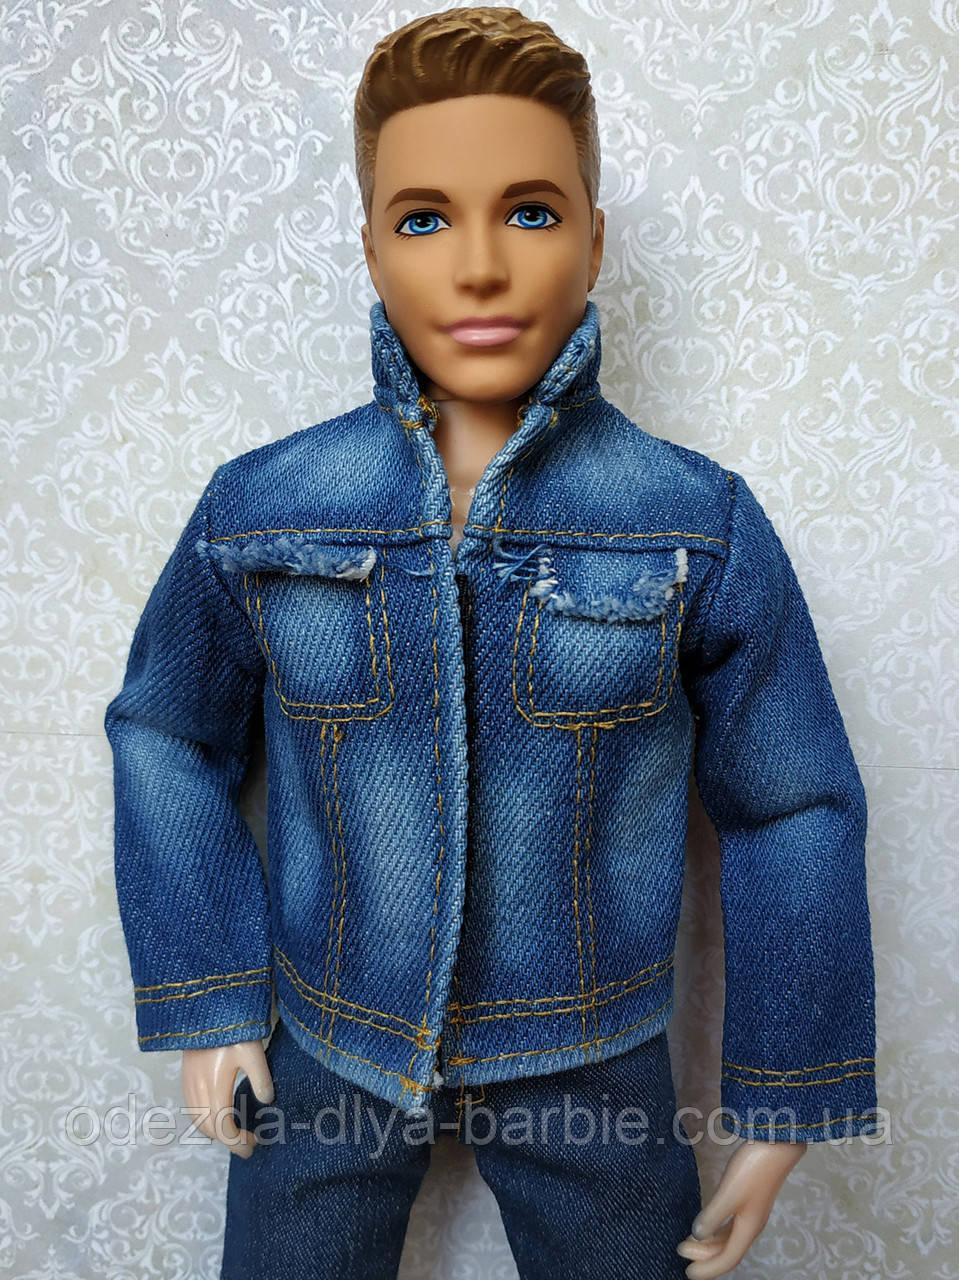 (Не для перепродажи!) Одежда для Кена - джинсовая куртка